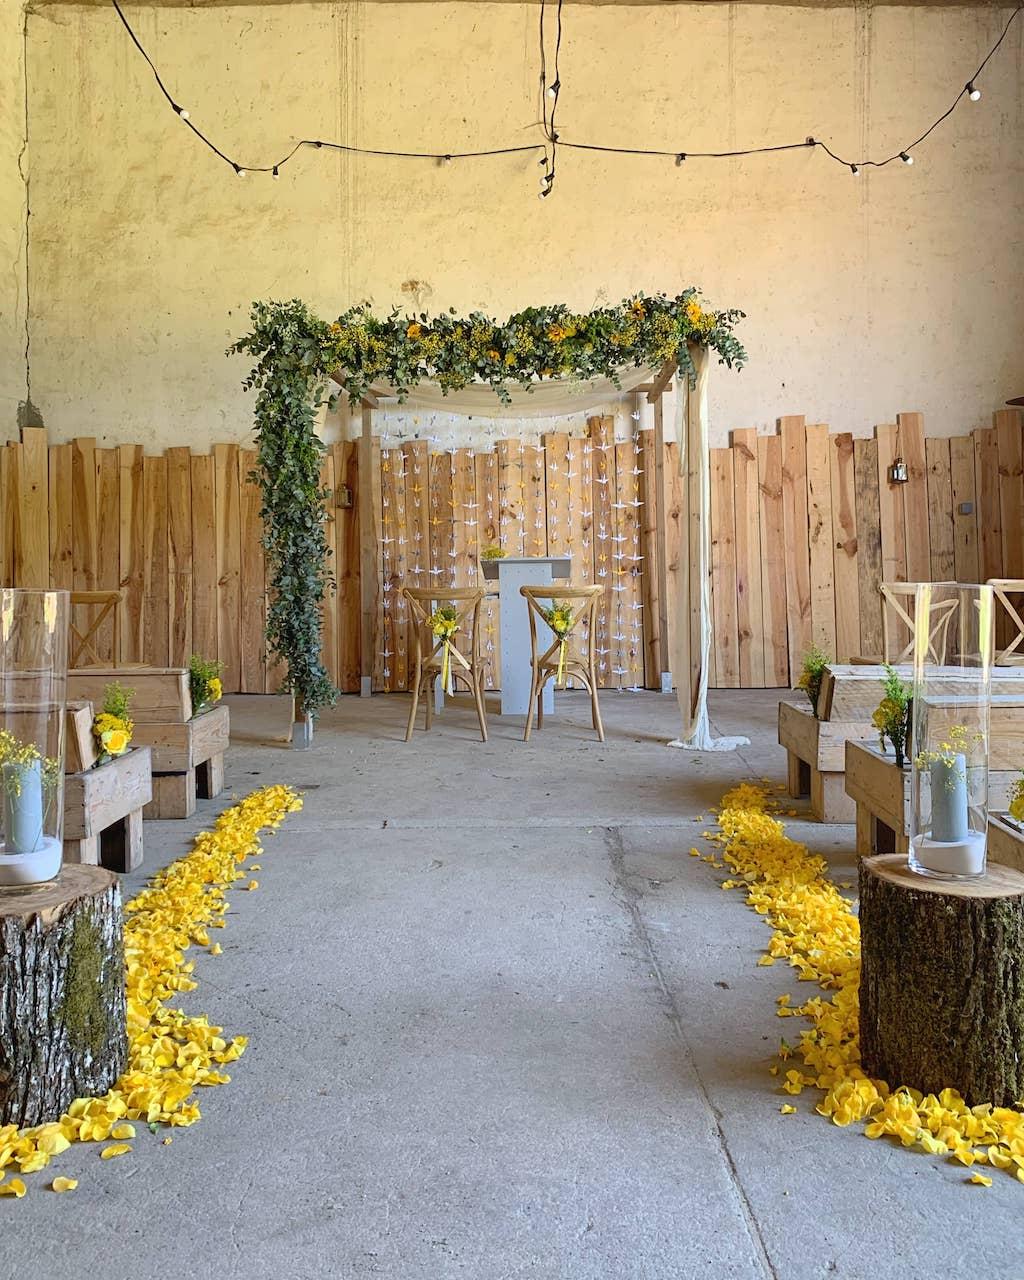 ceremonie-mariage-allee-jaune-arche